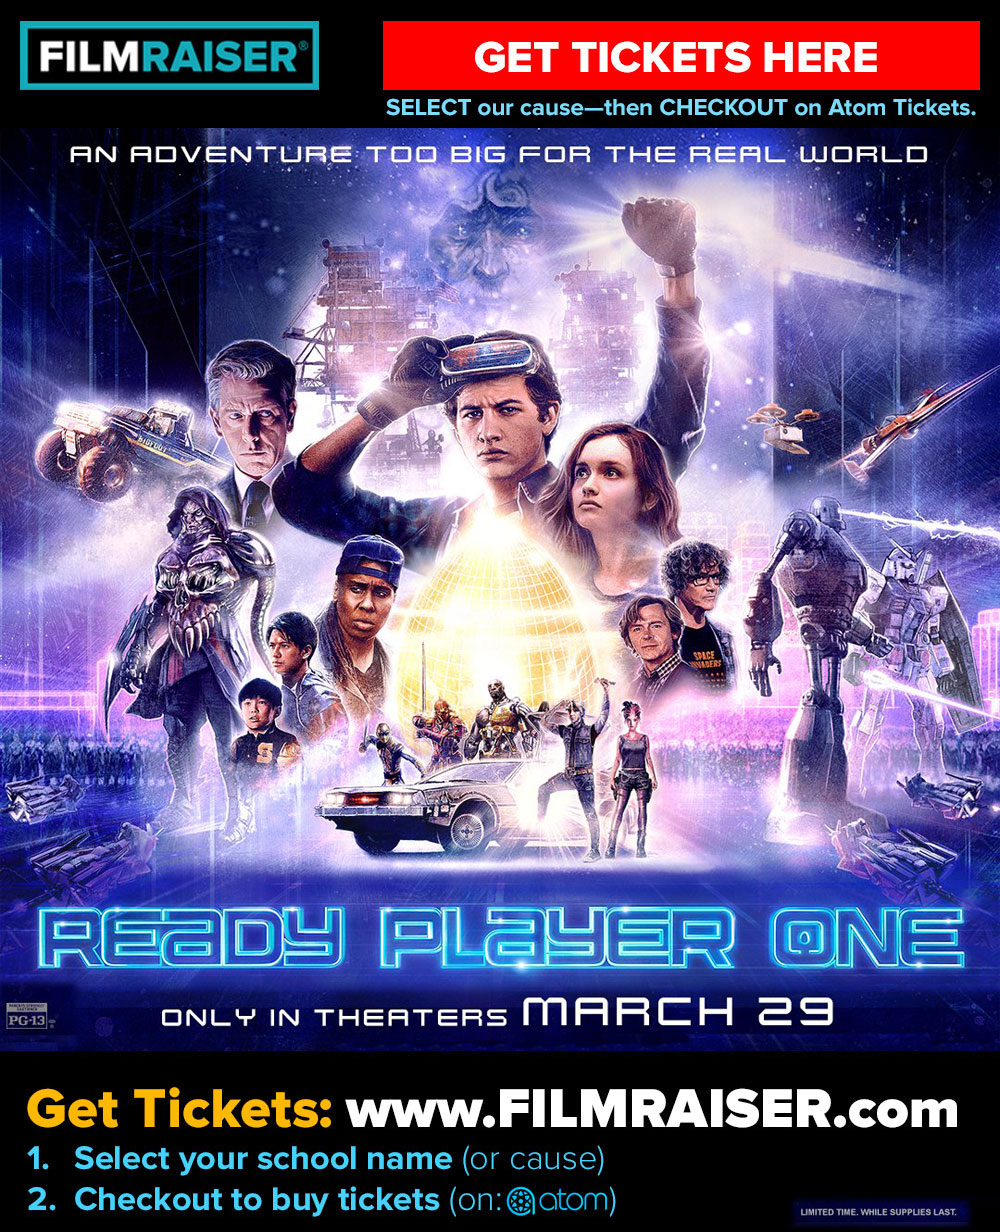 Get tickets at http://www.Filmraiser.com